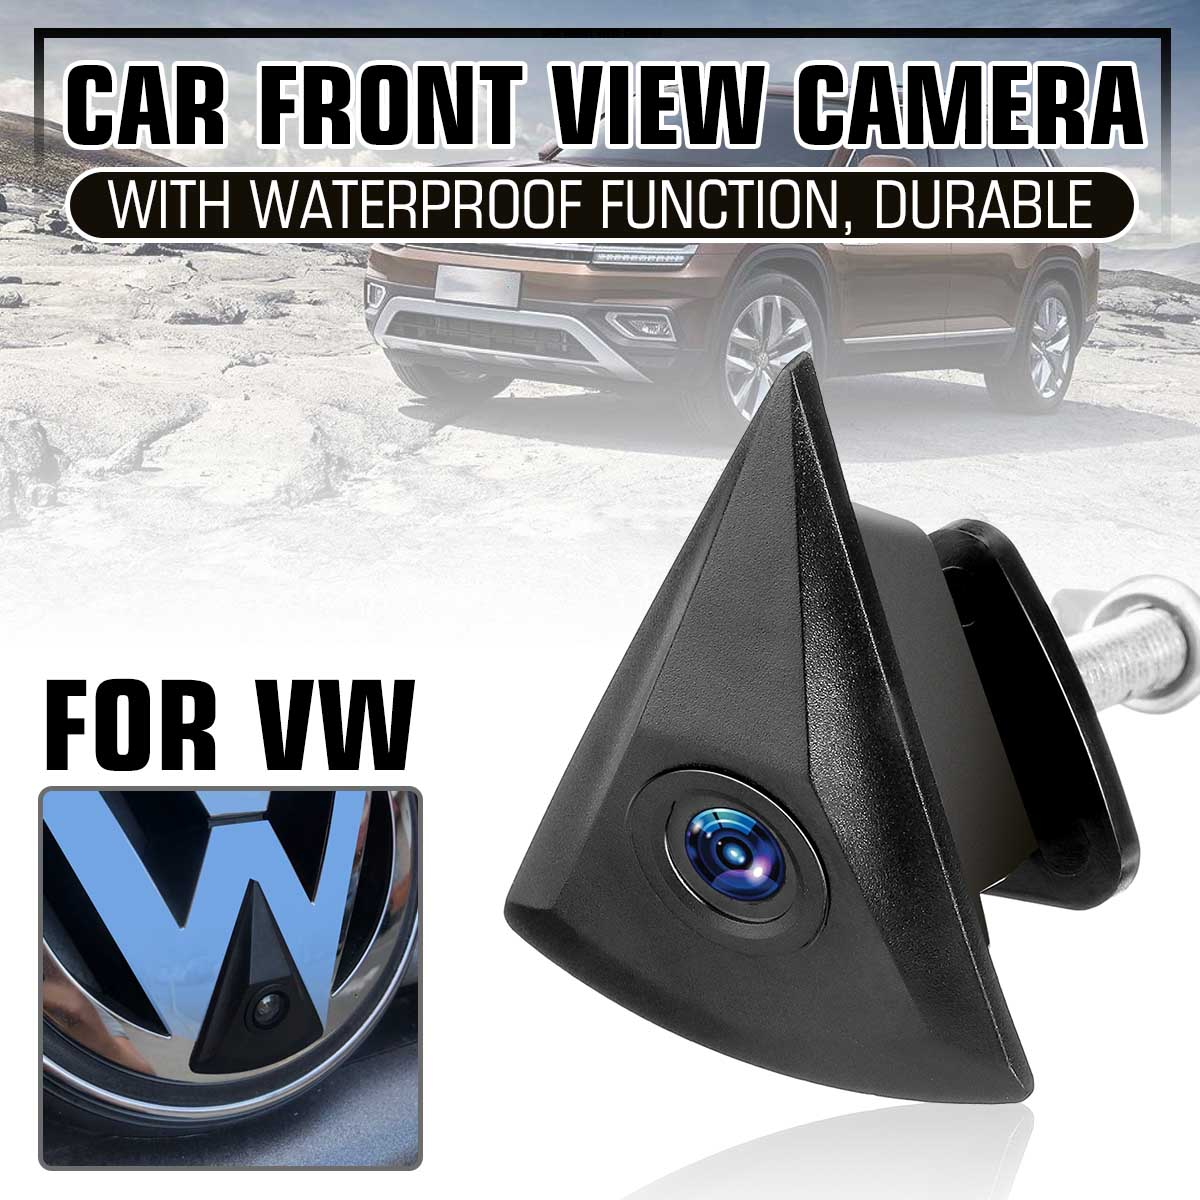 CCD HD cámara de visión delantera para coche Logo impermeable 170 grados para VW Volkswagen GOLF Jetta Touareg Passat Polo Tiguan Bora